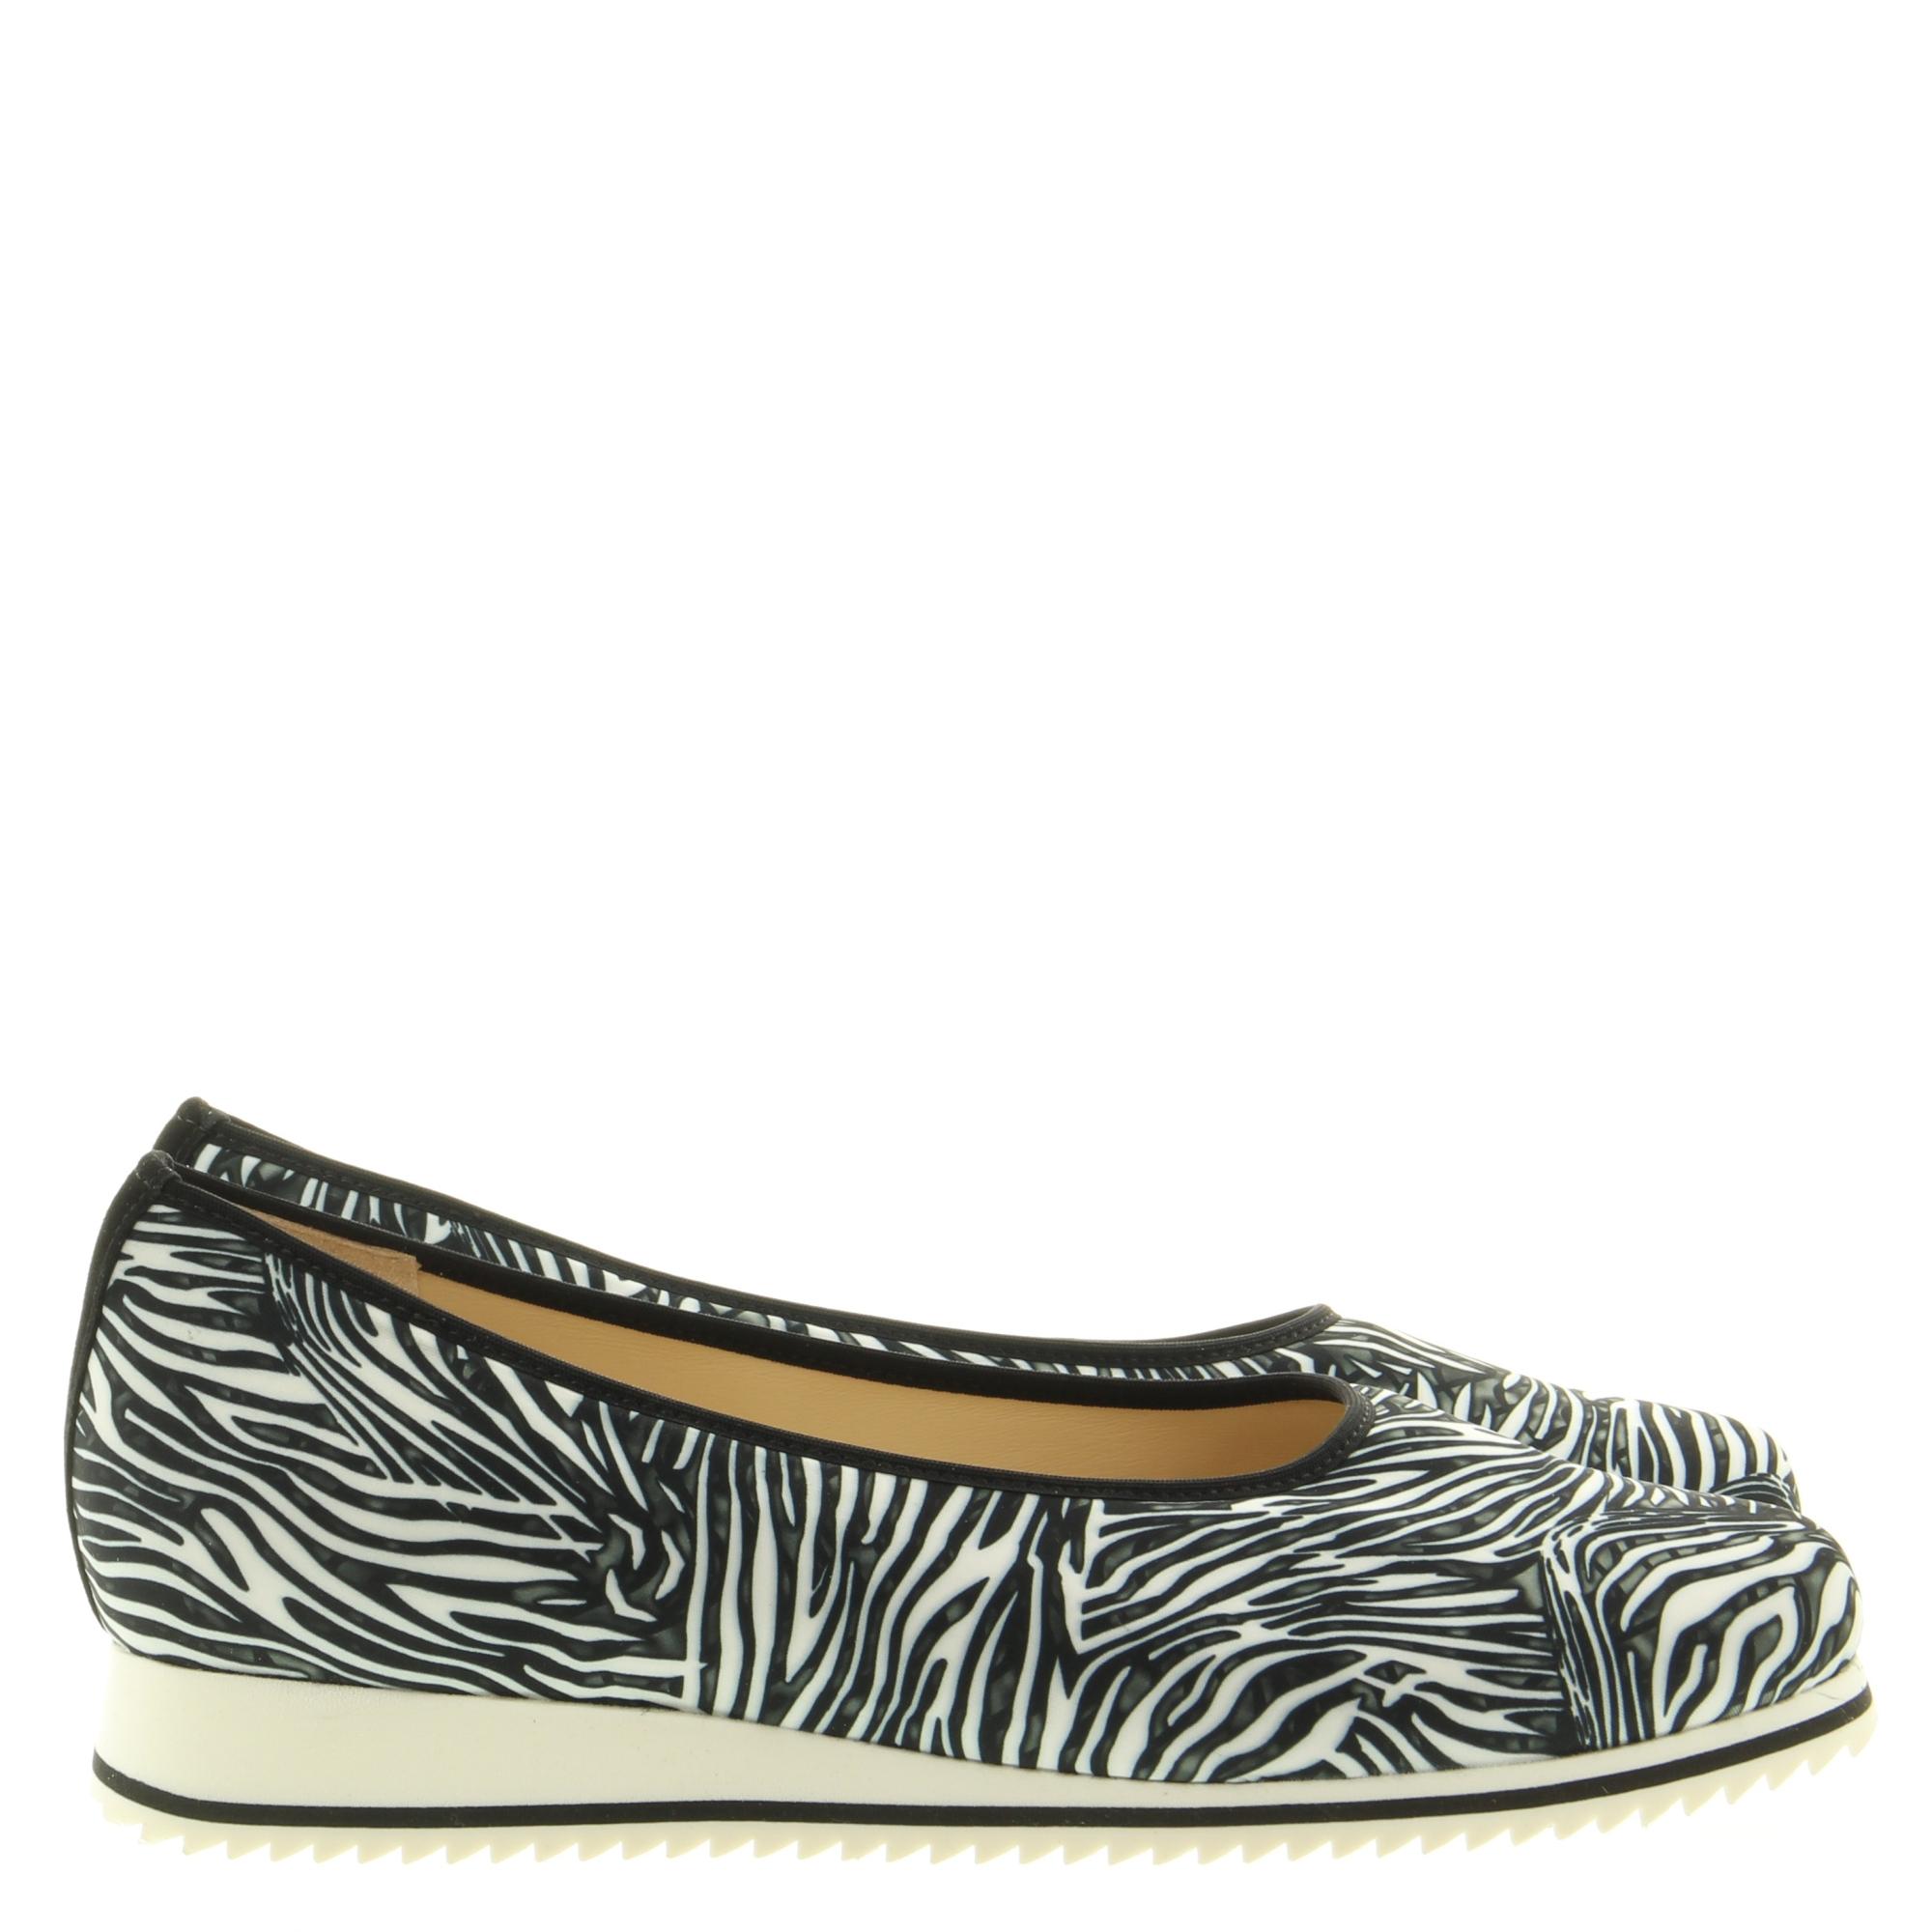 Hassia Shoes 301516 Pisa 0100 Schwarz Zebrastretch